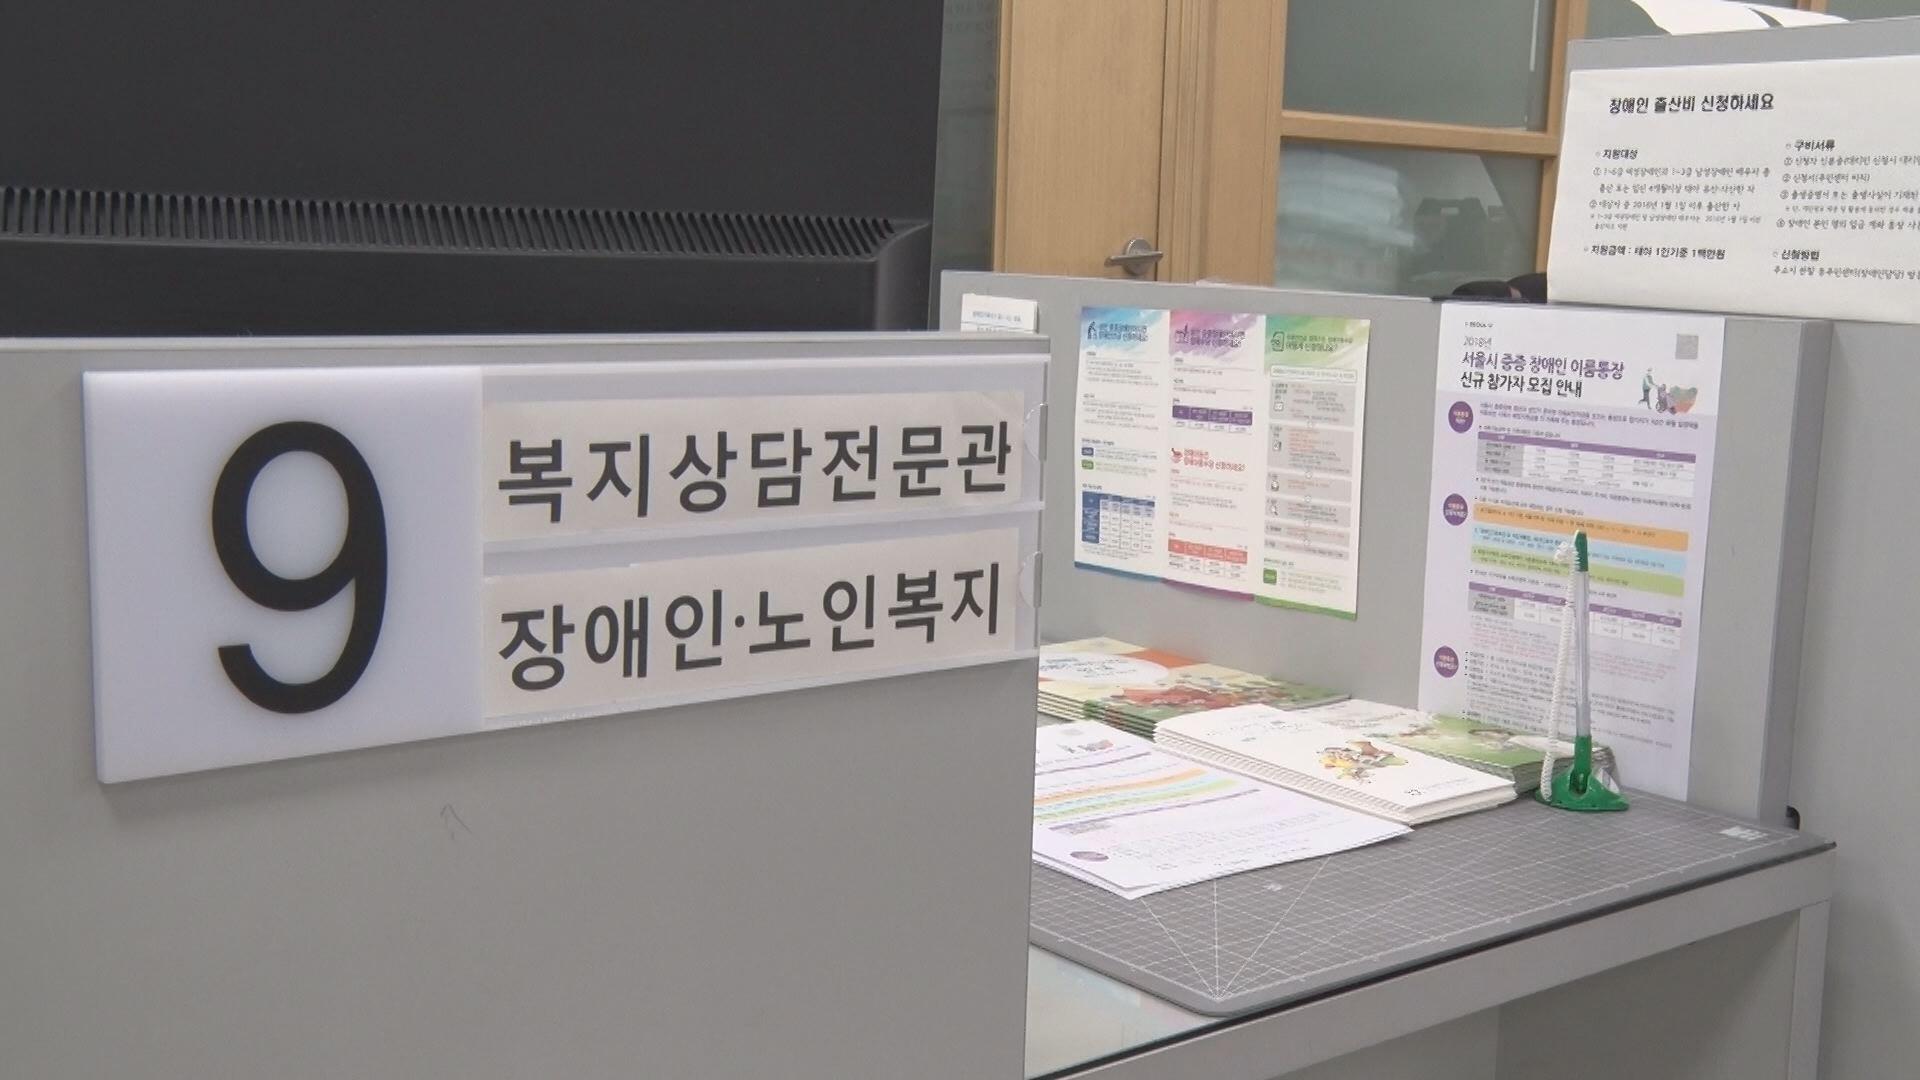 서울시, 장애인 복지 정책 확대…'자립' 지원